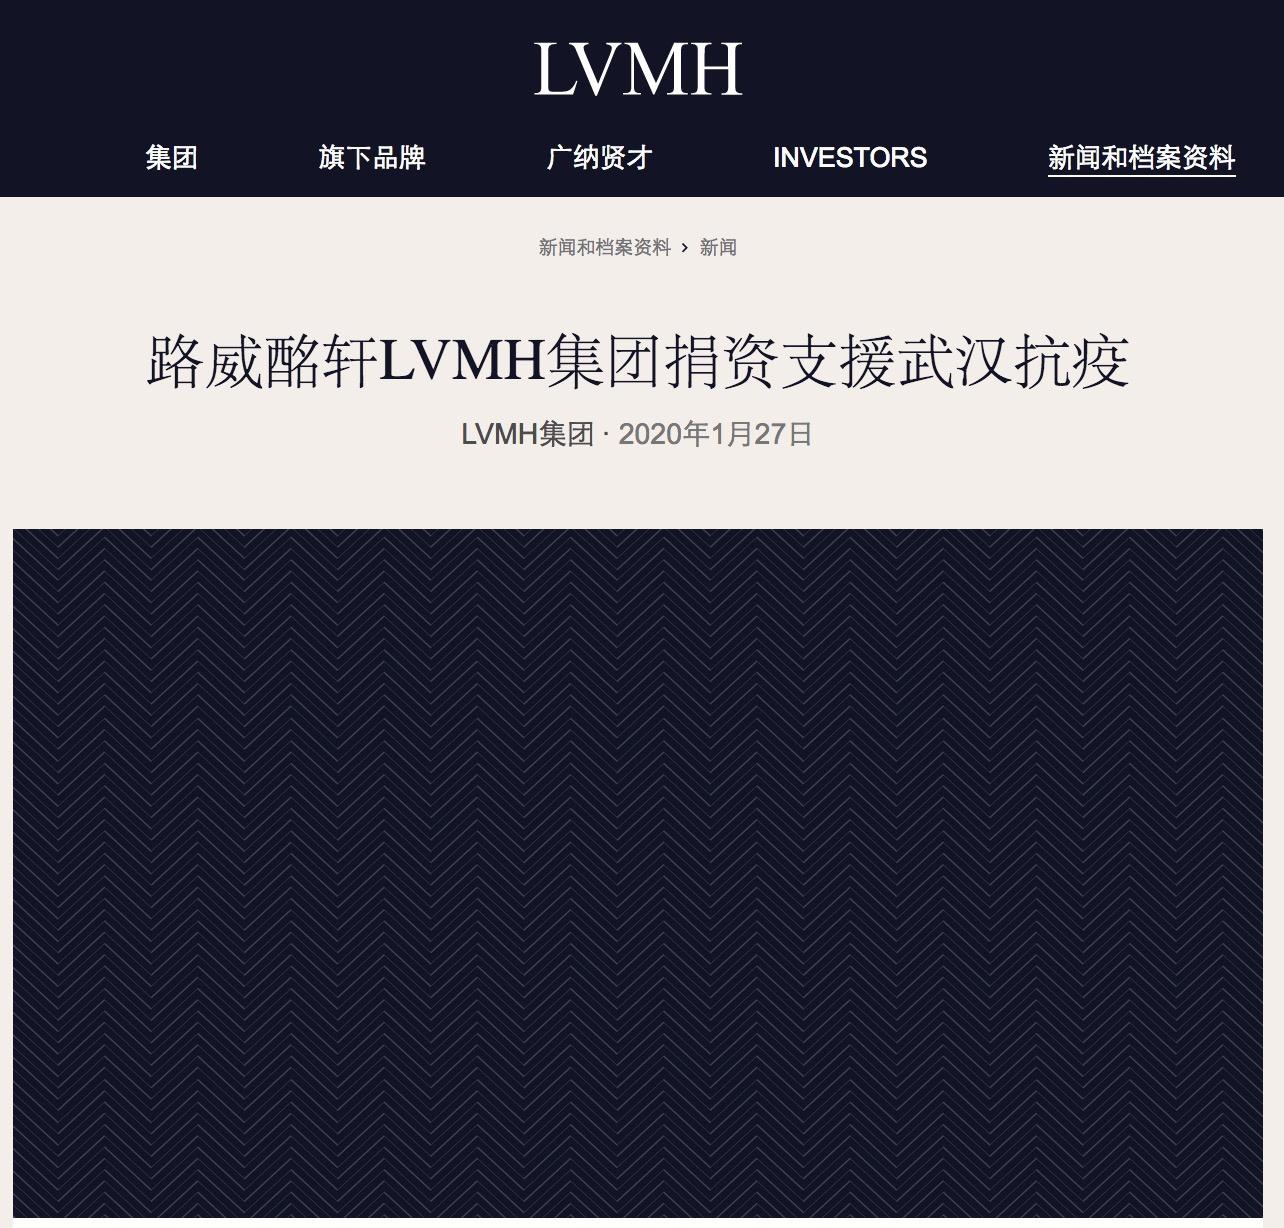 LVMH công khai số tiền ủng hộ trên trang web chính thức.